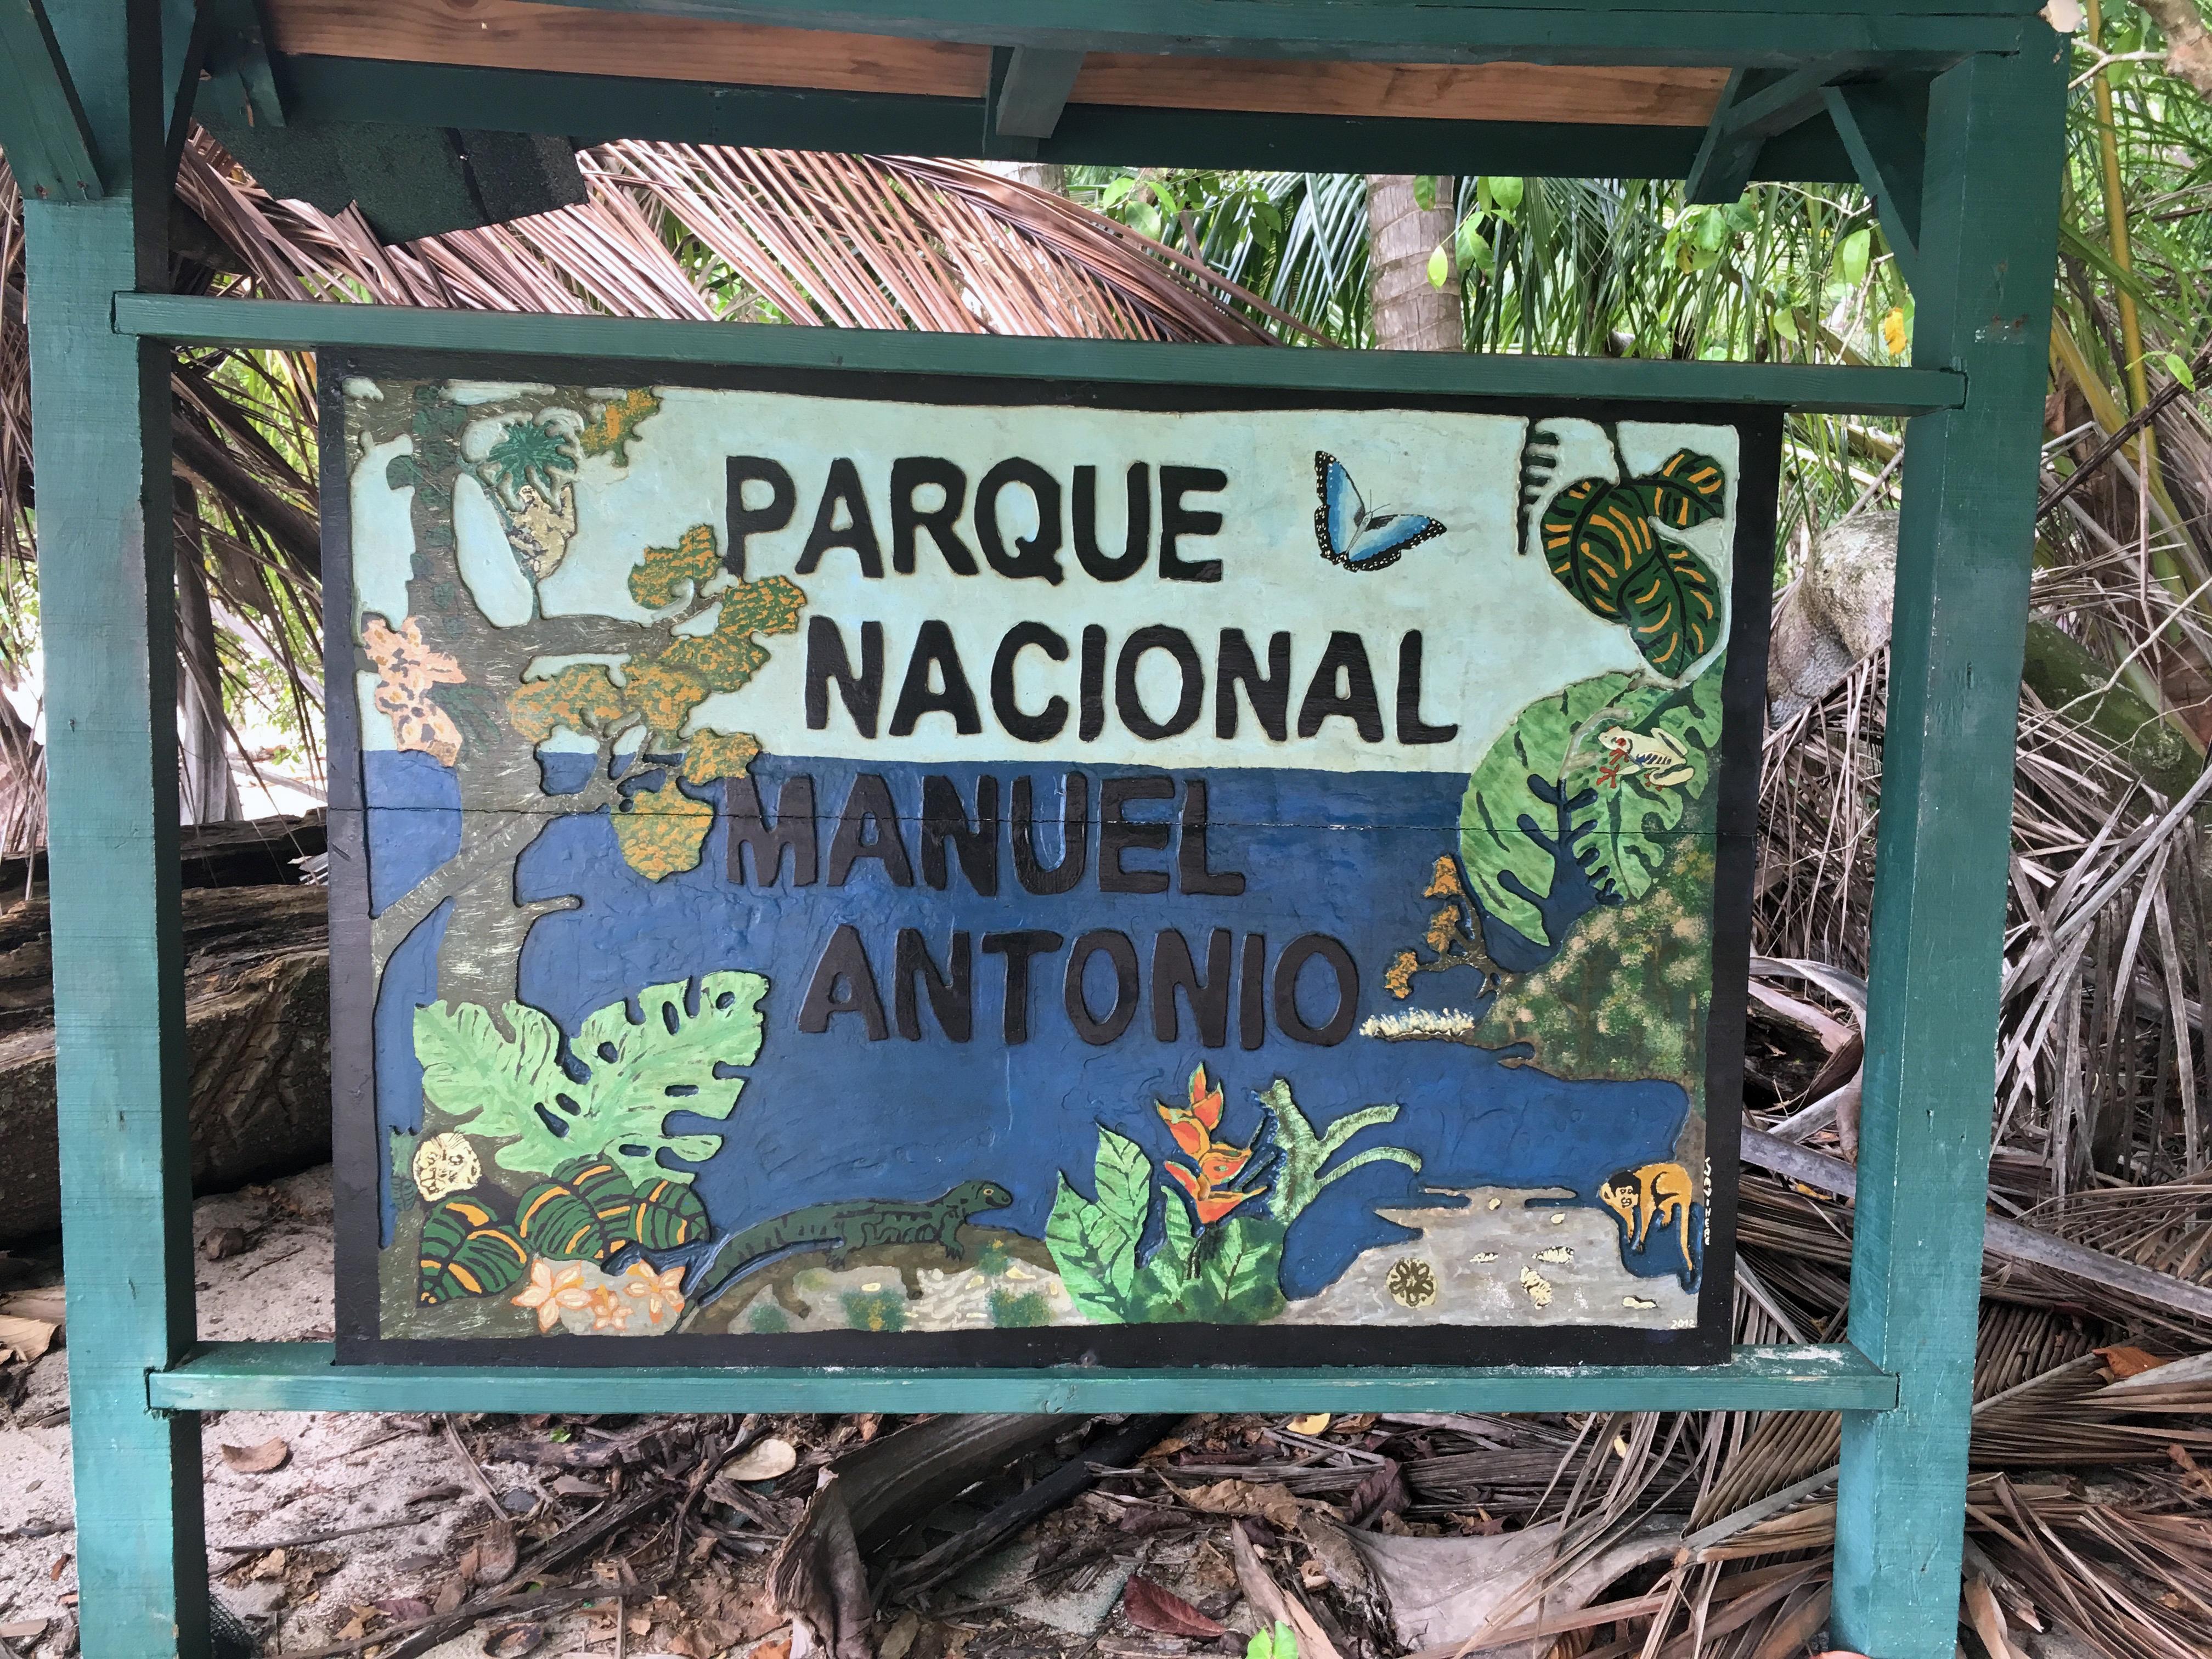 Un parque pequeño, pero matón - Costa Rica Gran Viaje Costa Rica Indispensable y Manuel Antonio